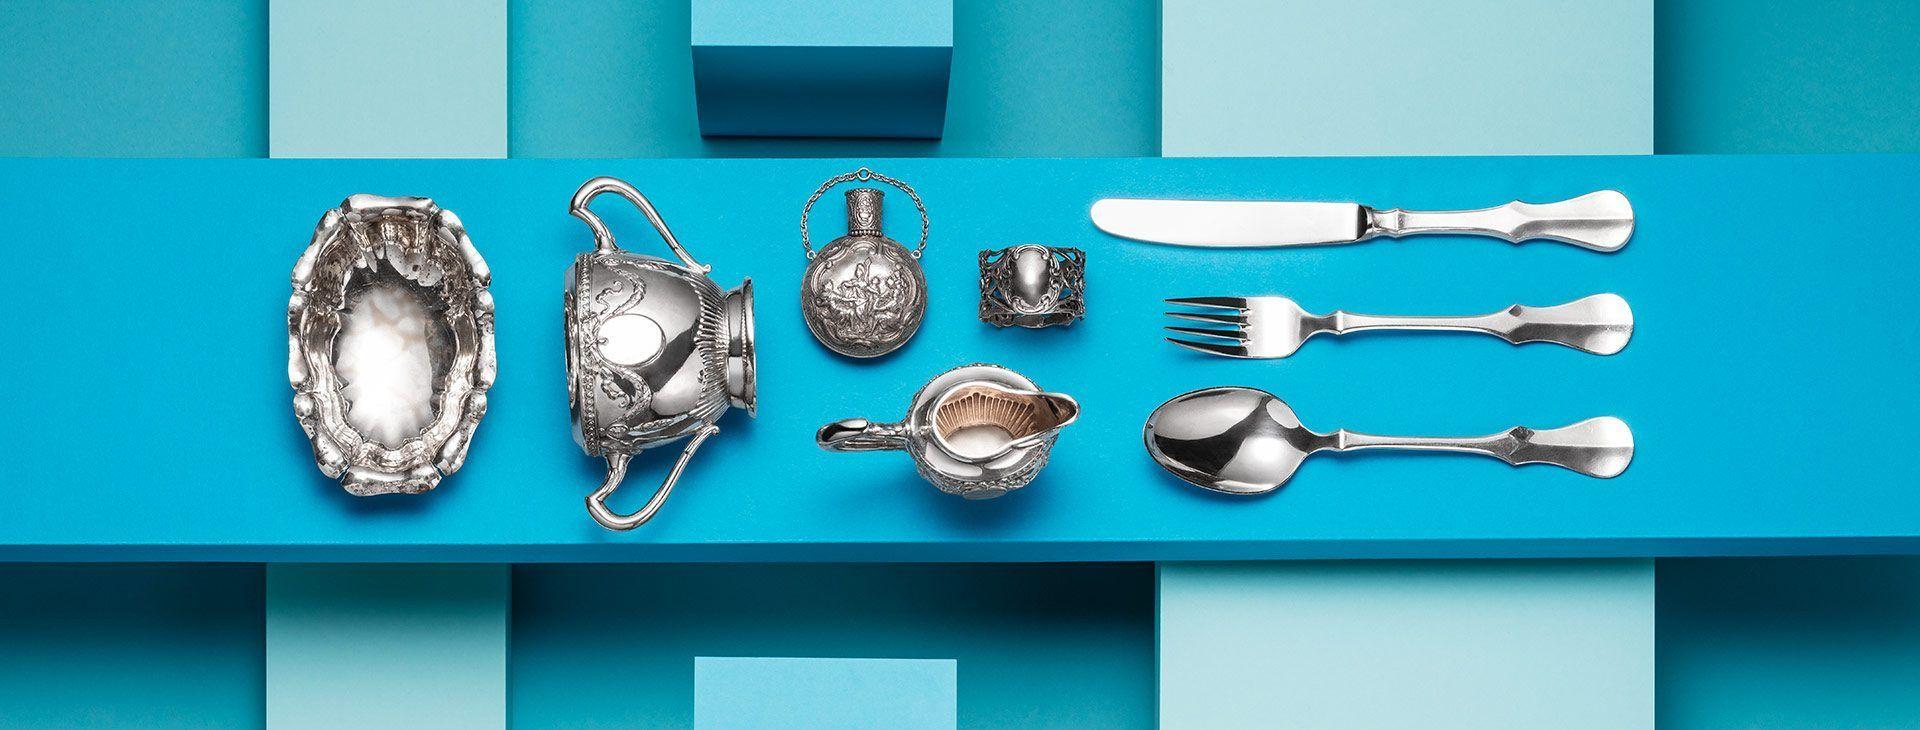 Bei Der Haeger Gmbh Silberbesteck Verkaufen Silberbesteck Silber Silberbesteck Verkaufen